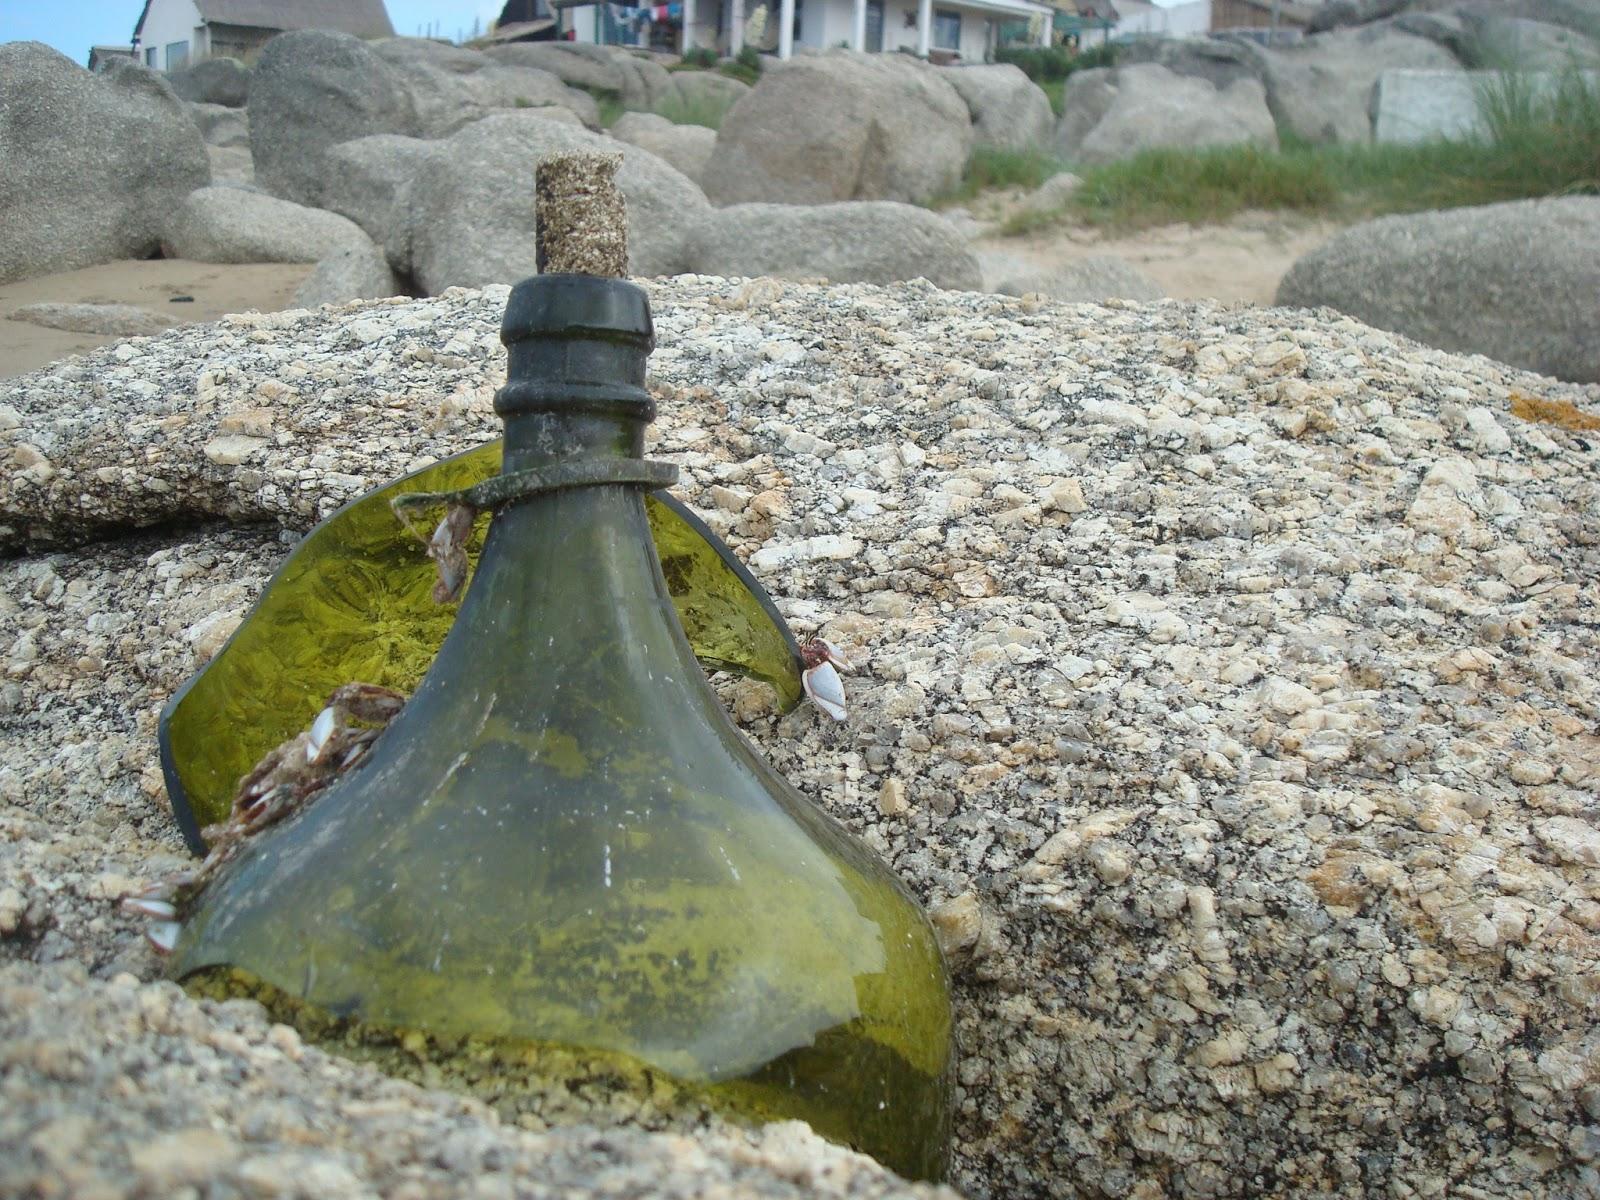 IMAGENES ETHEL: Imagen De Comtaminacion Ambiental Y